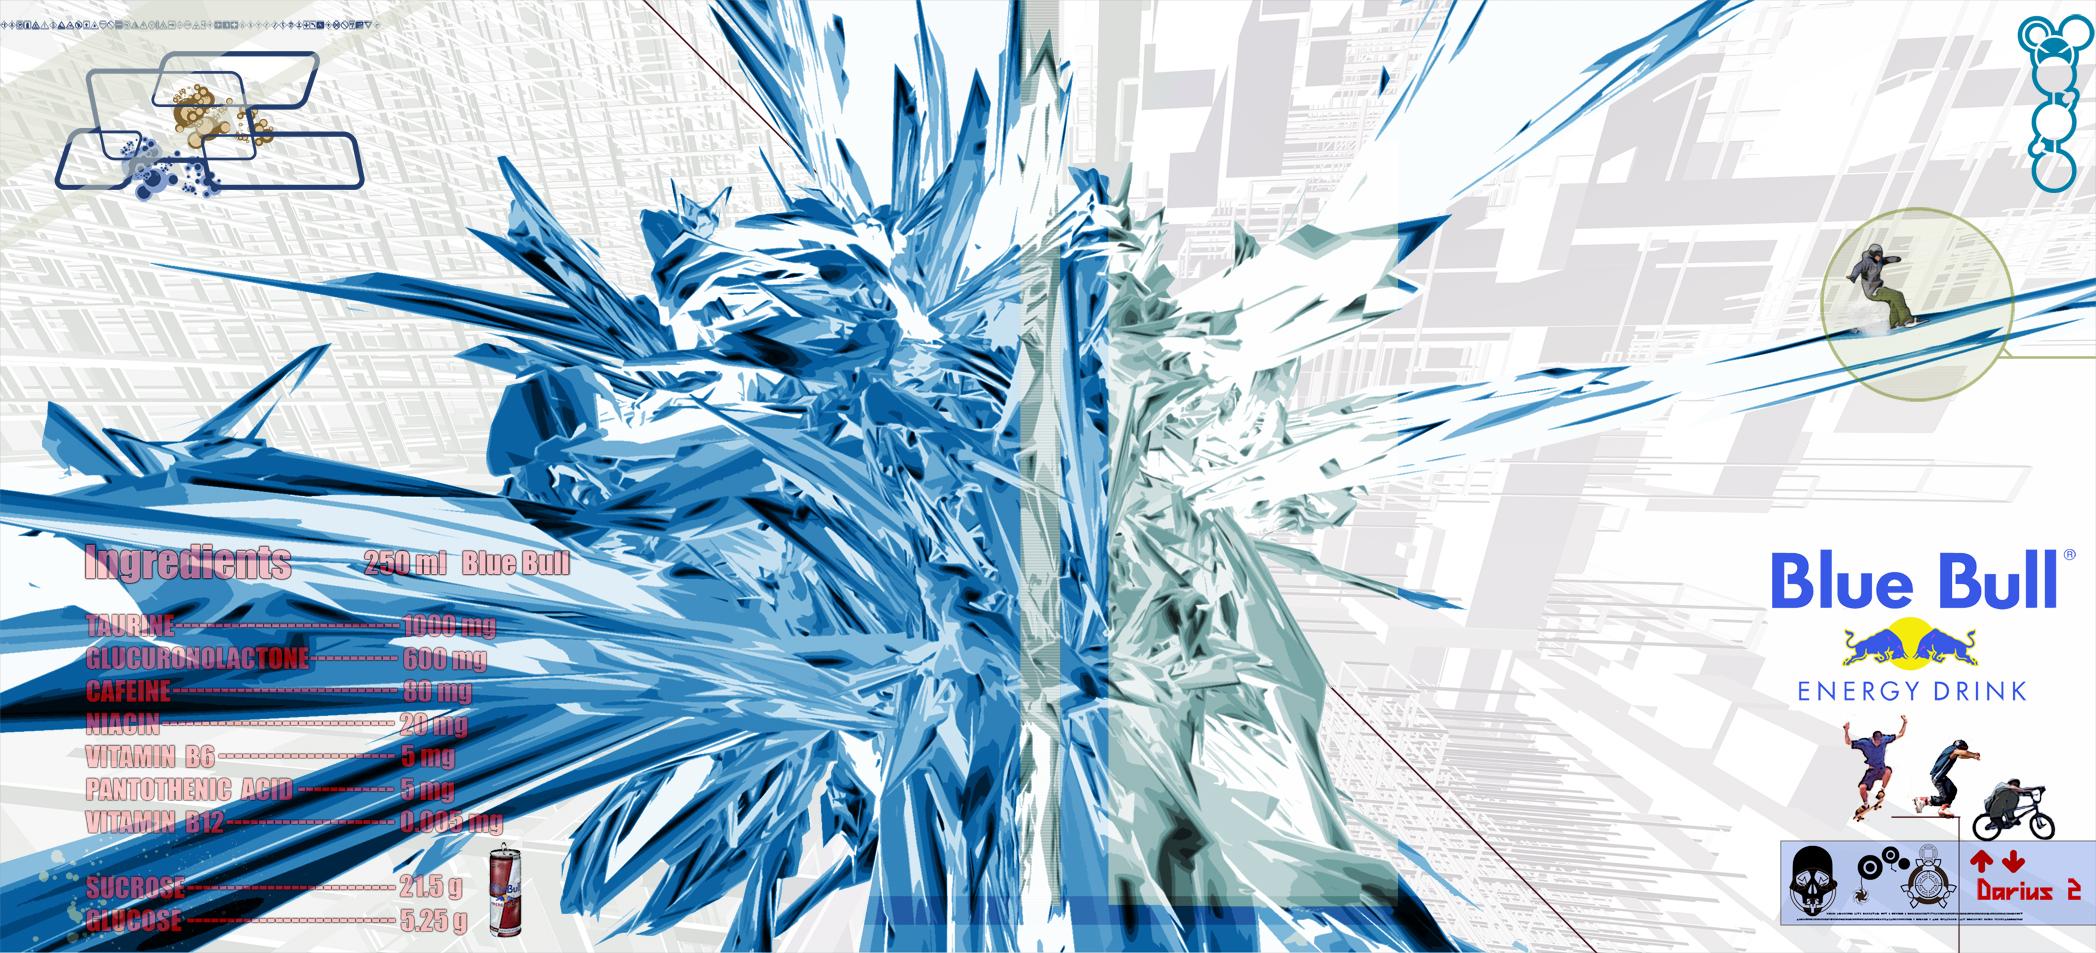 Blue Bulls Wallpaper Blue bull by darius ii 2096x953